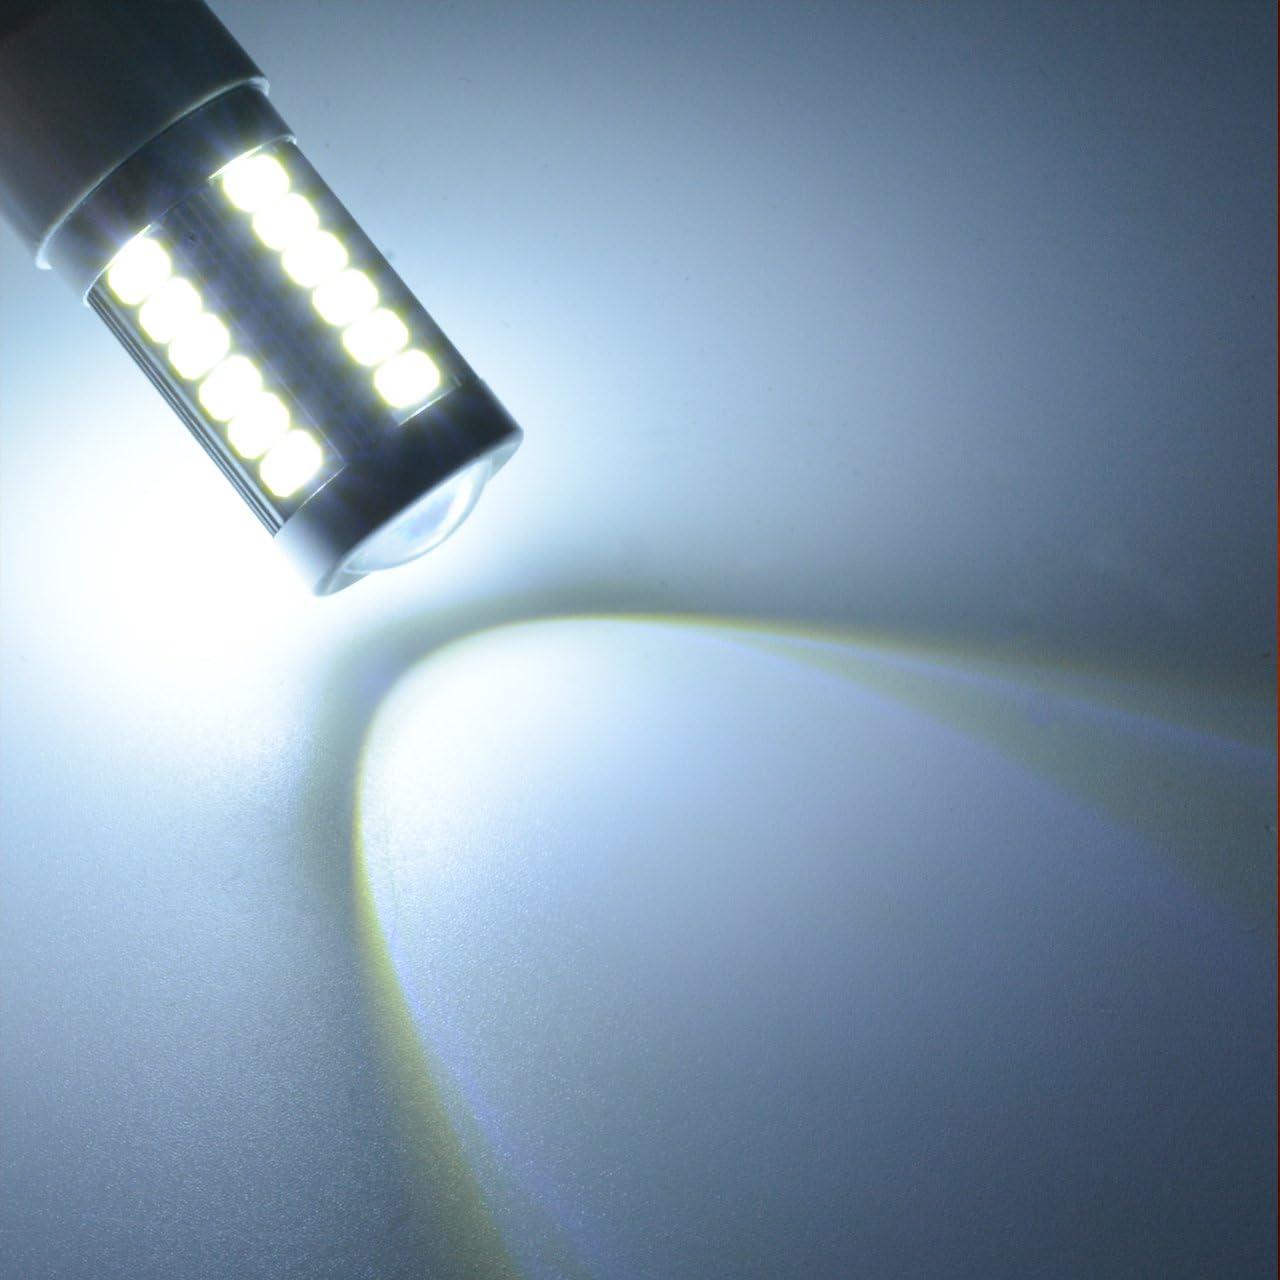 KATUR 2-Pack Super White 950Lums 3156 3156A 3456 Base 33 SMD 5050 LED Replacement for Car Incandescence Bulb RV Camper Brake Turn Lamp Lights DC 12V 6500K